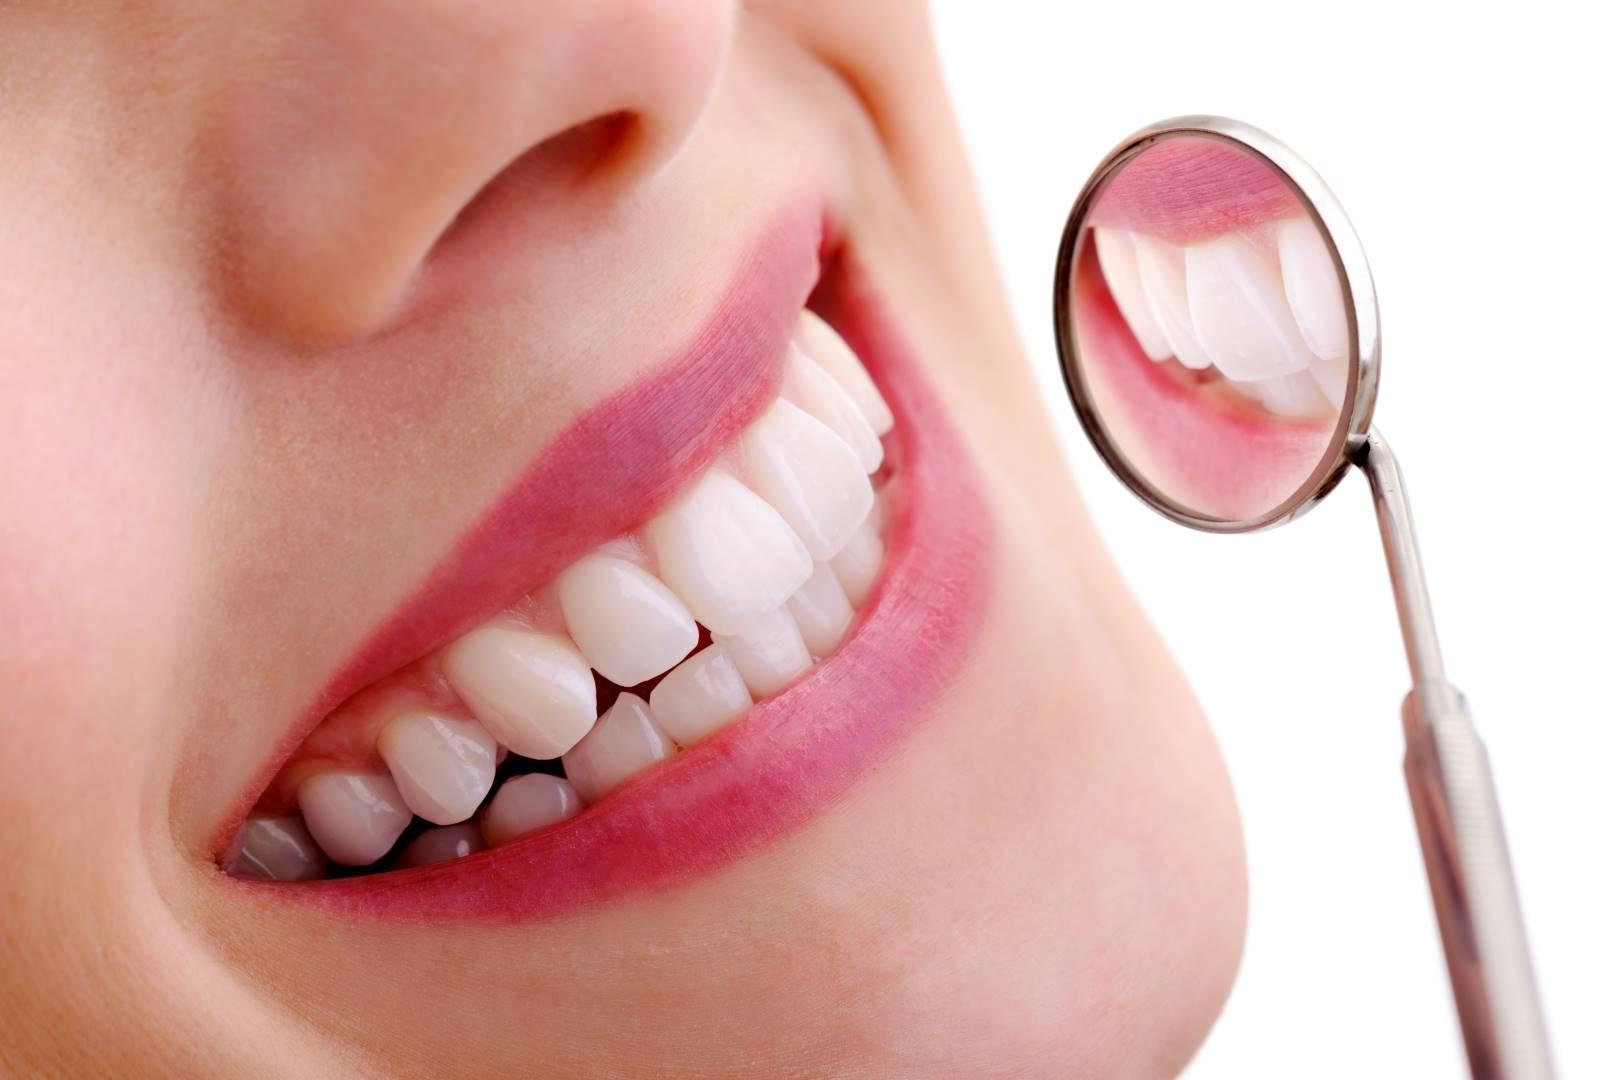 estetik diş hekimi, estetik diş hekimliği, estetik diş hekimi kimdir